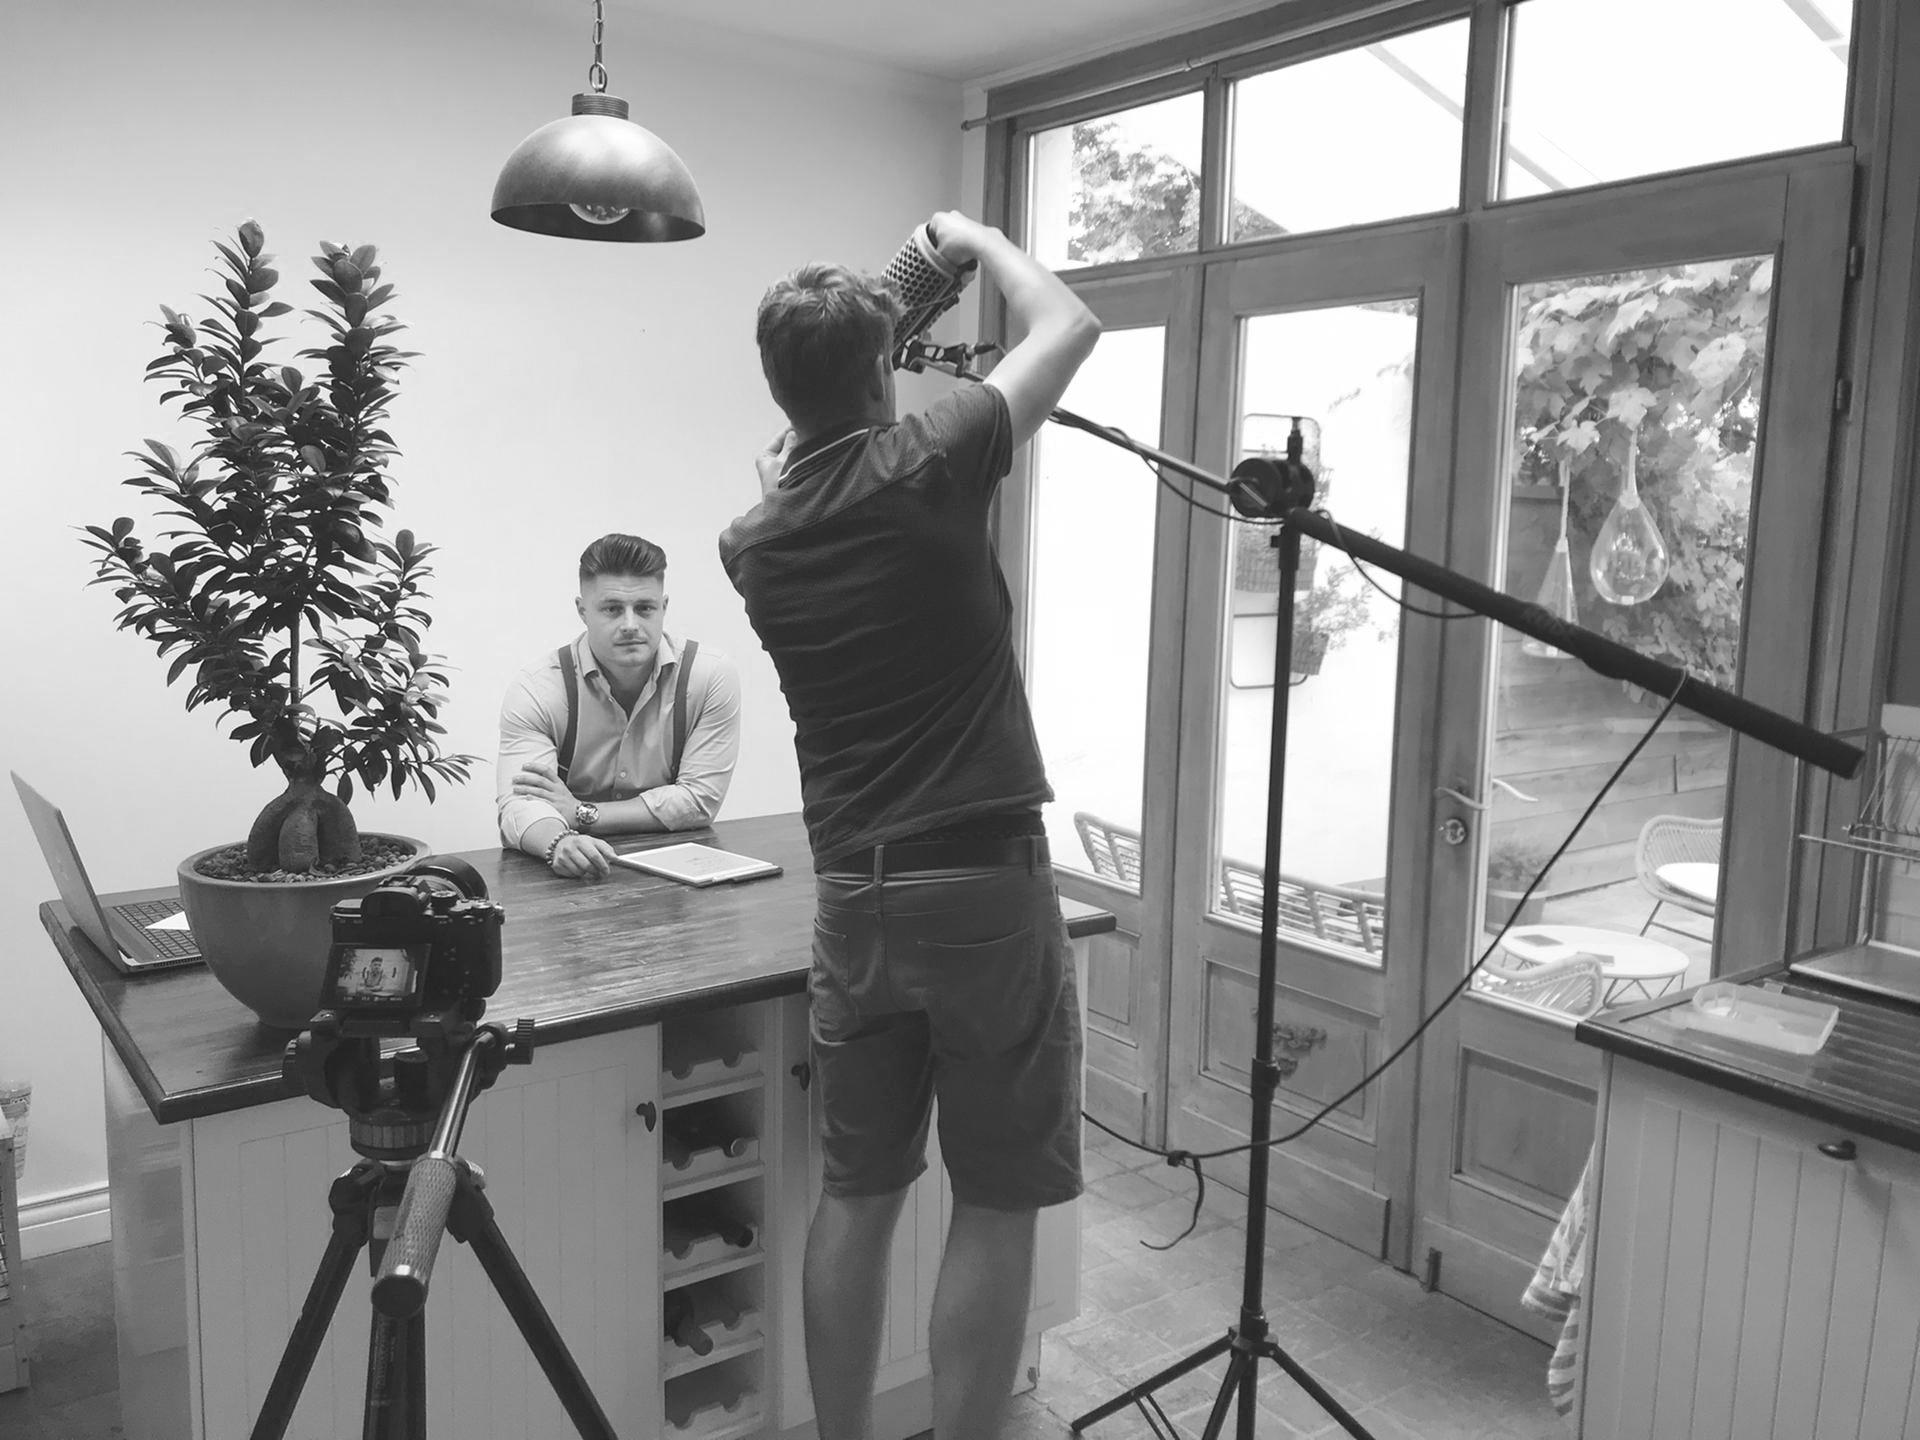 Studio_Caphca_Videoproductie_Christophe_Luts_DSCVR_Bedrijfsvideo